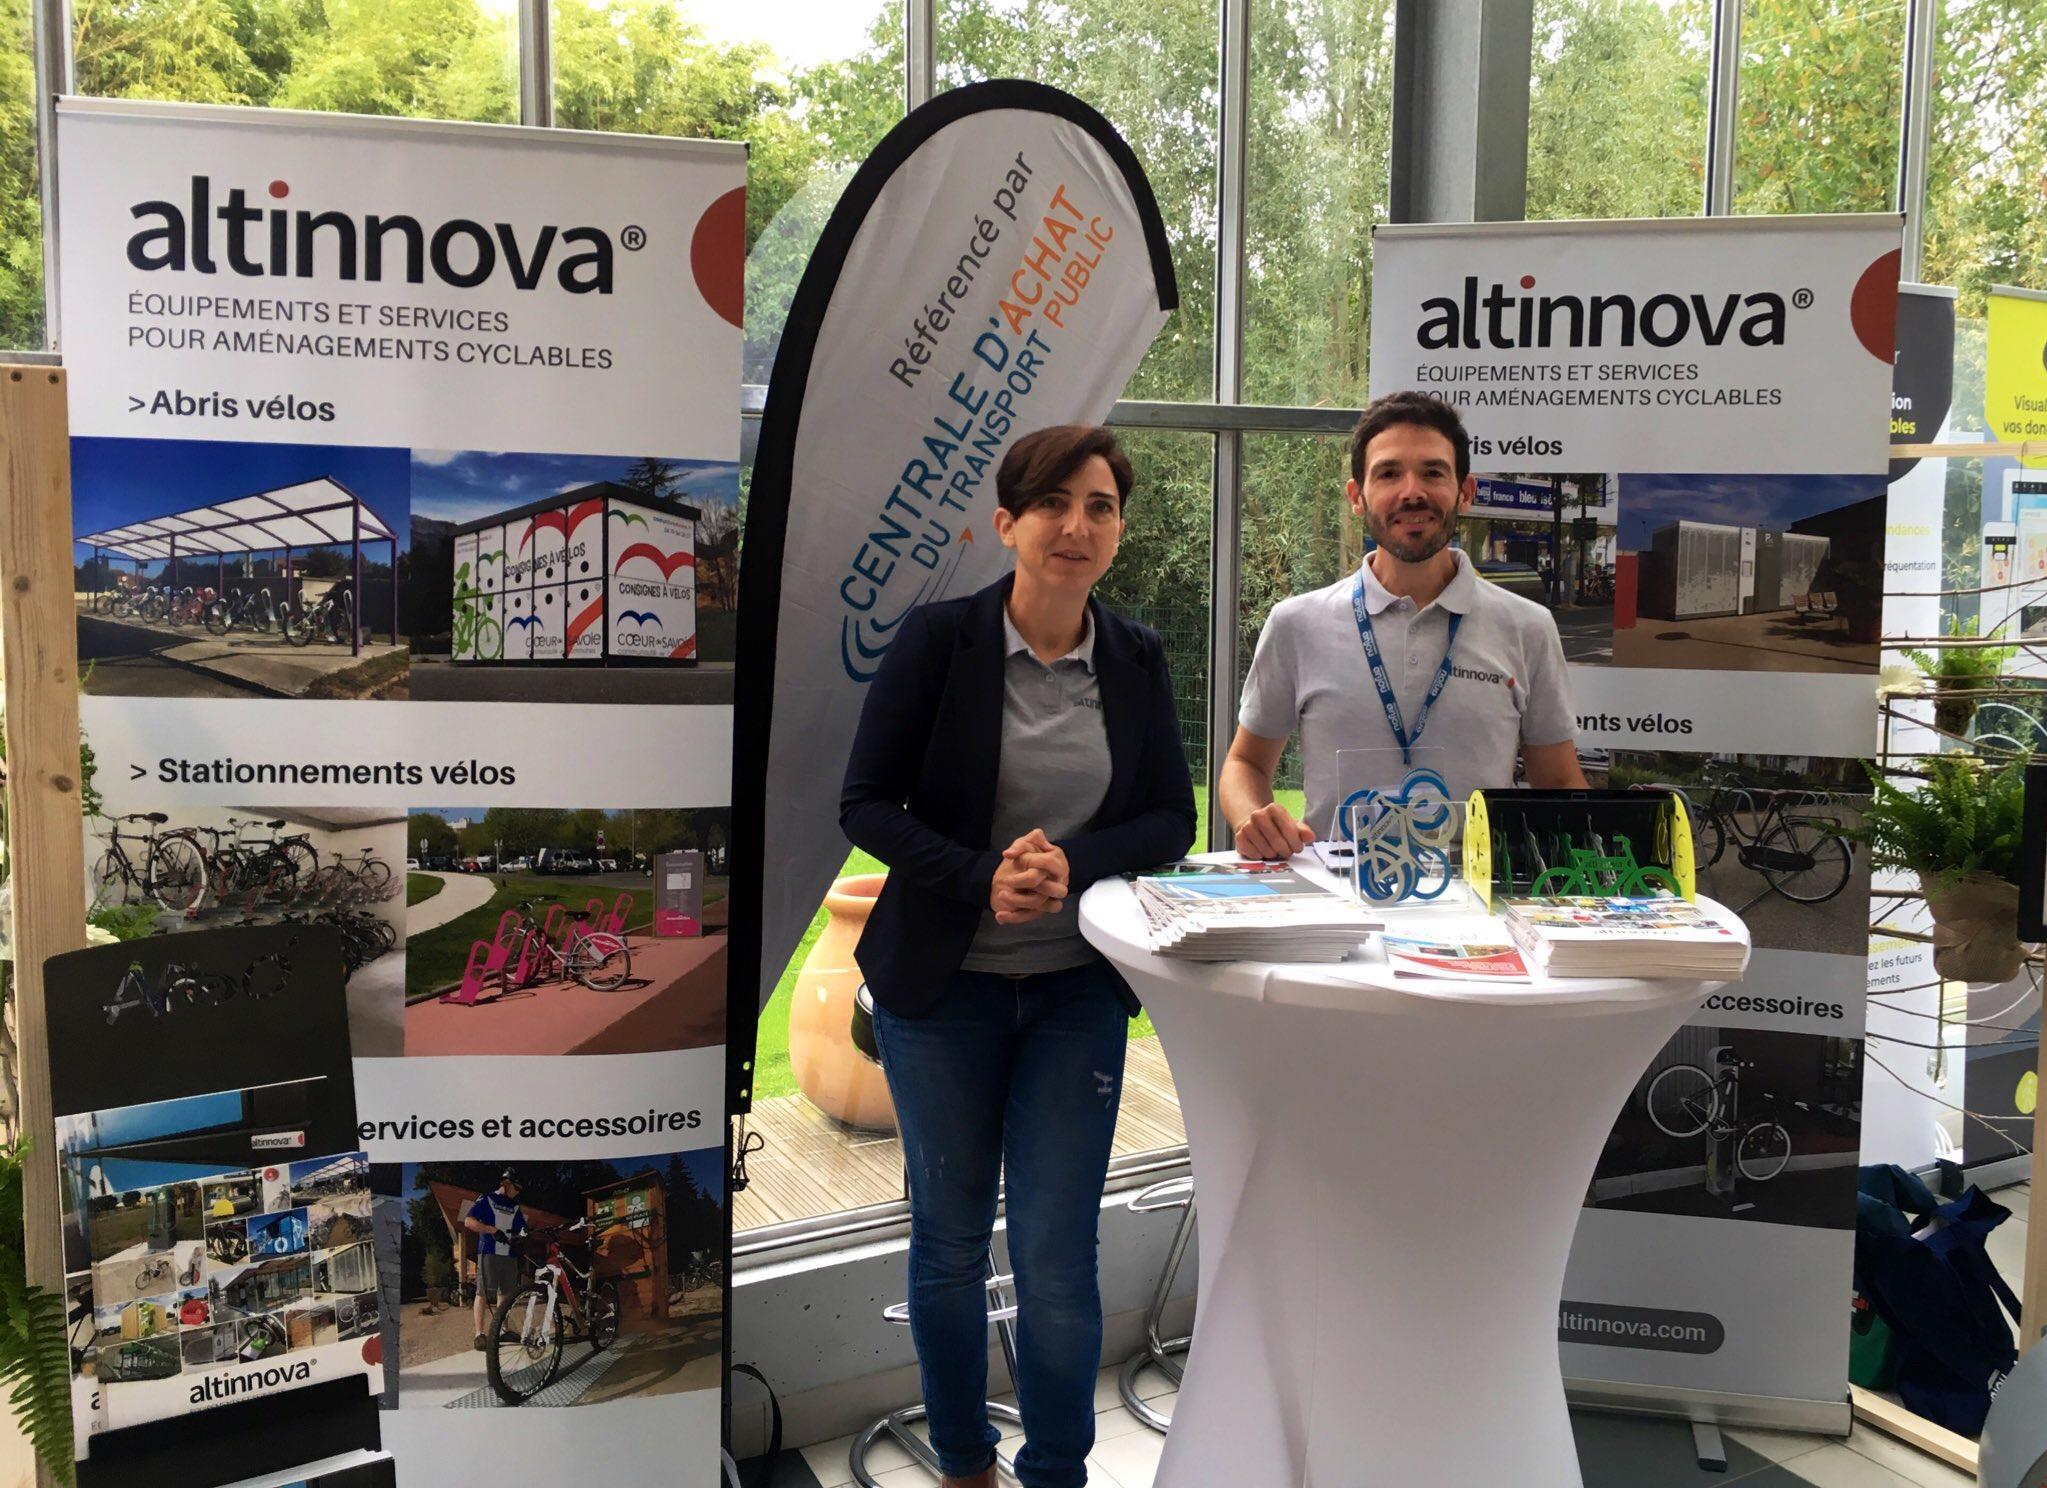 stand Altinnova aux rencontres vélo & territoires 2019 à Angers